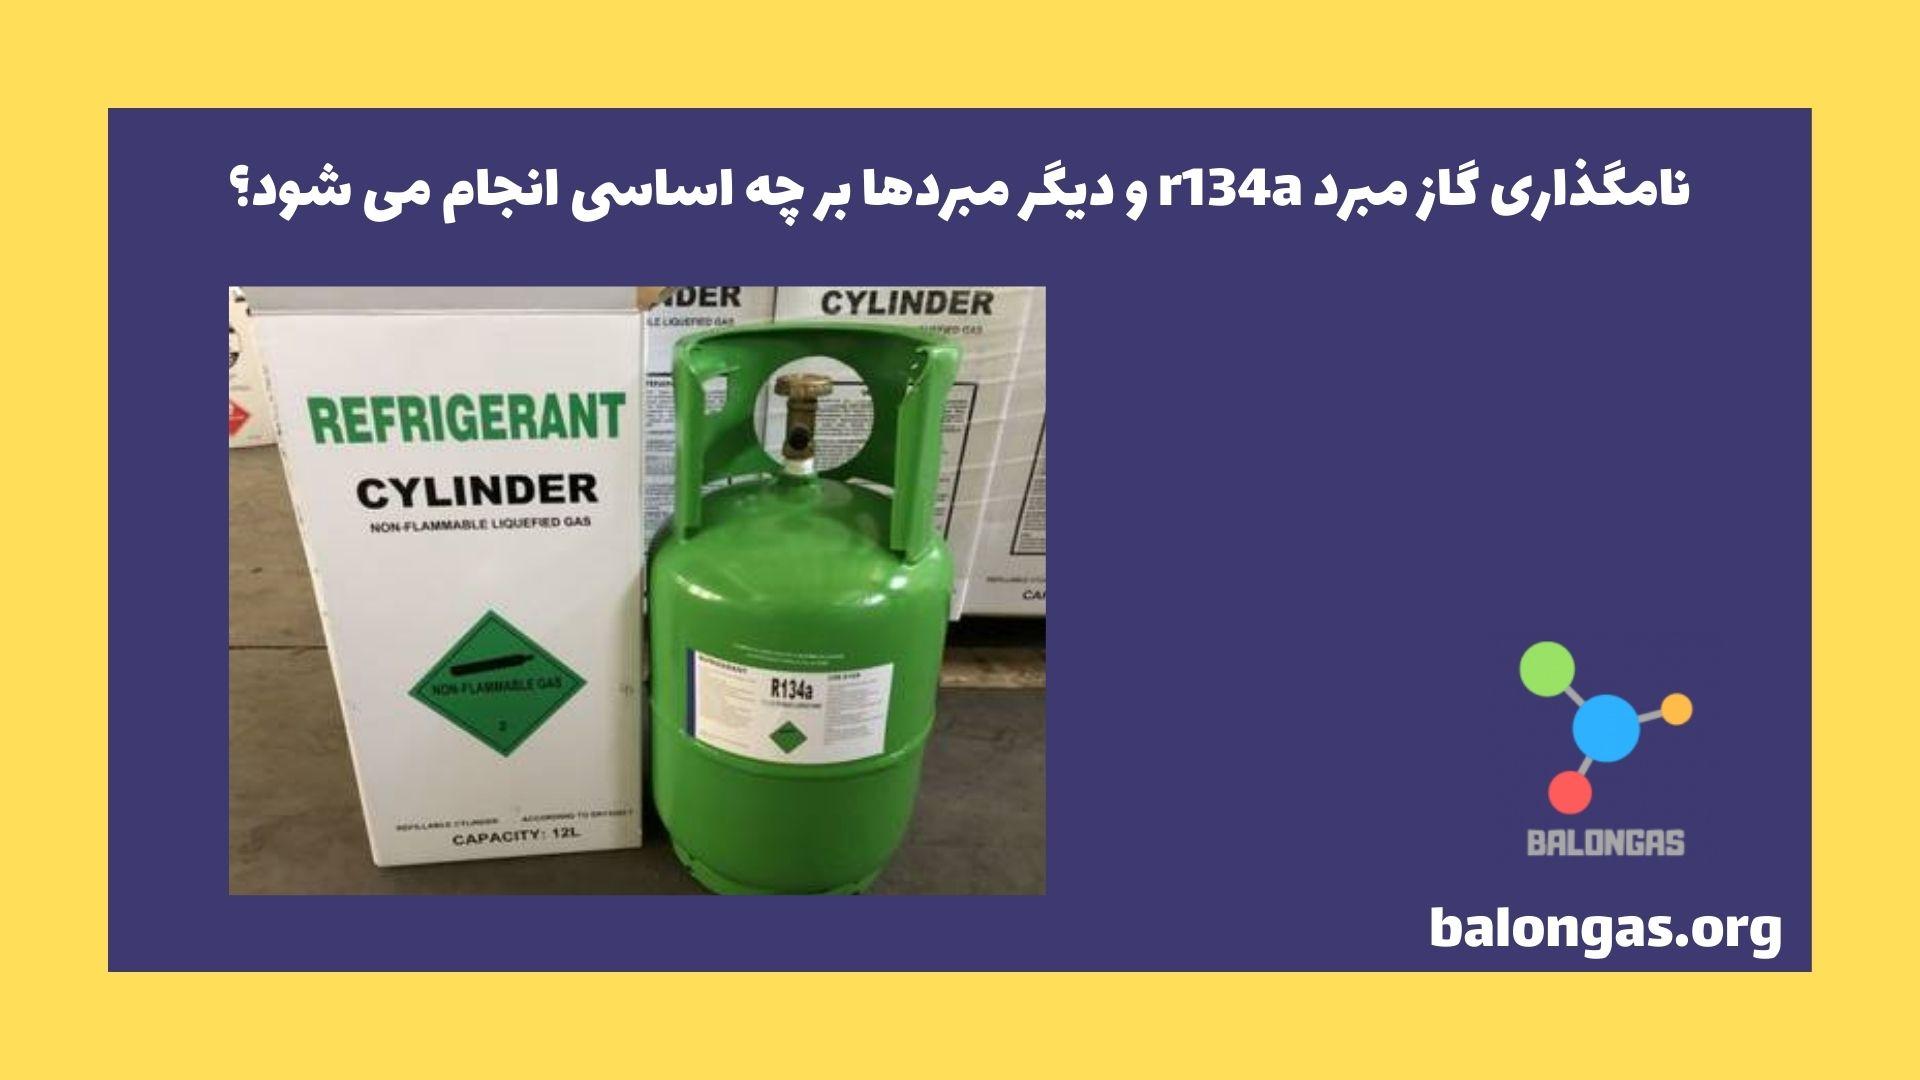 نامگذاری گاز مبرد r134a و دیگر مبردها بر چه اساسی انجام می شود؟